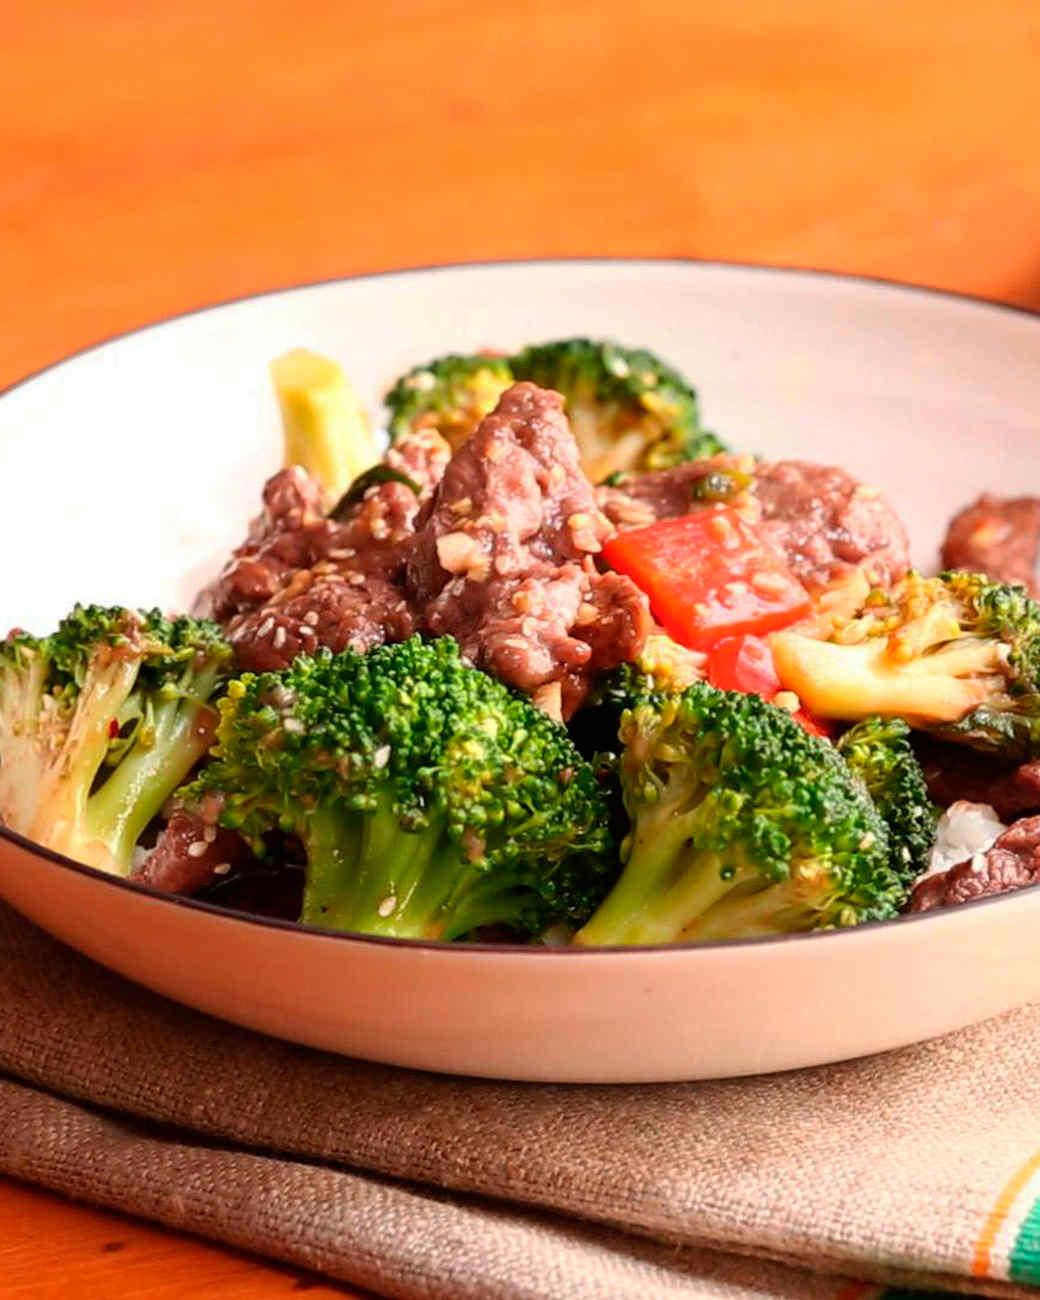 emeril-beef-broccoli-bowl-0415.jpg